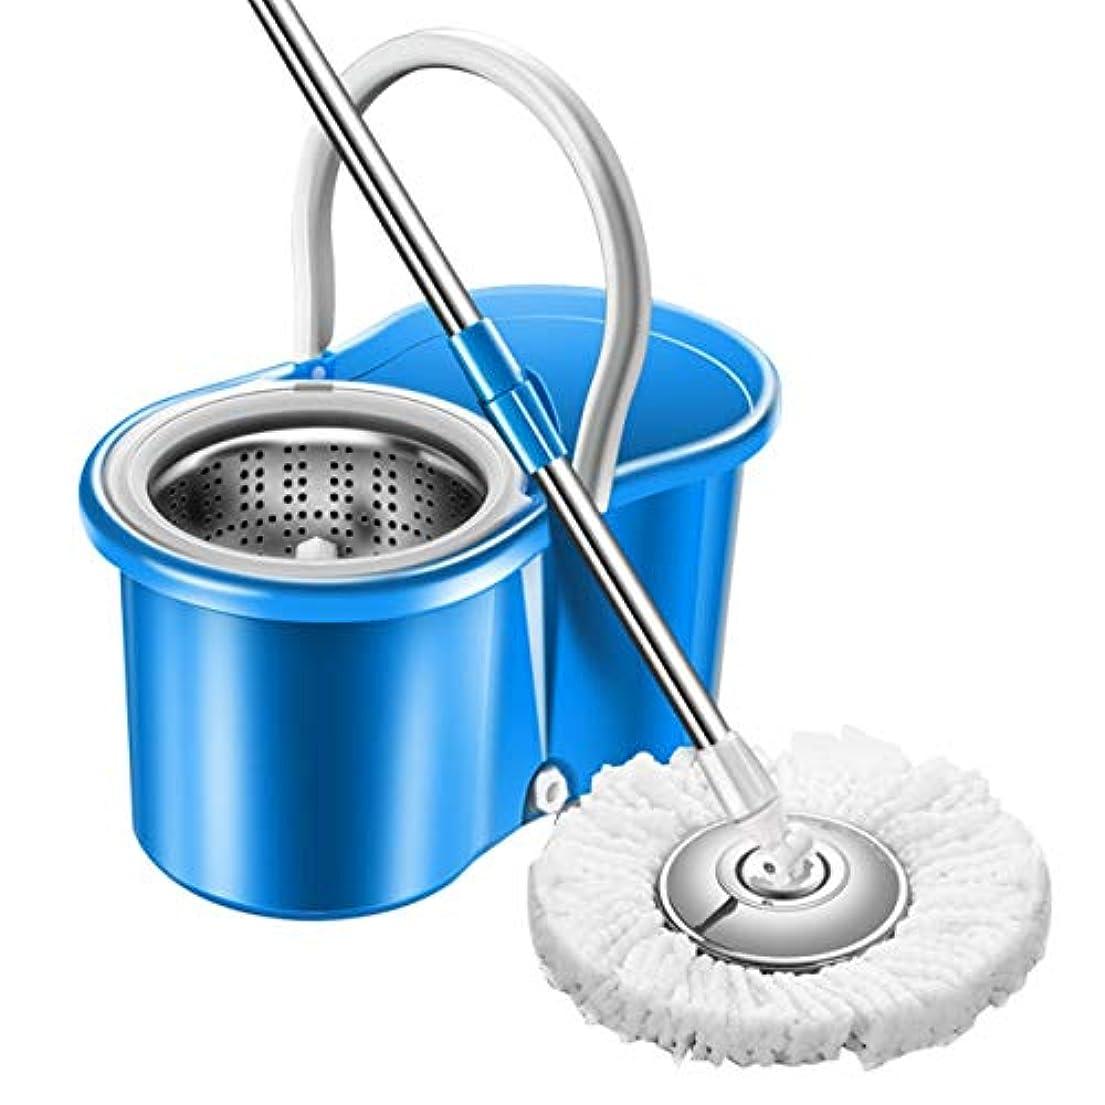 フルート欠員マイクロSaikogoods 実用ホーム用マジック床クリーニングモップ360度ローリングスピン自己絞るファイバーコットンヘッドフローリングモップセット 青